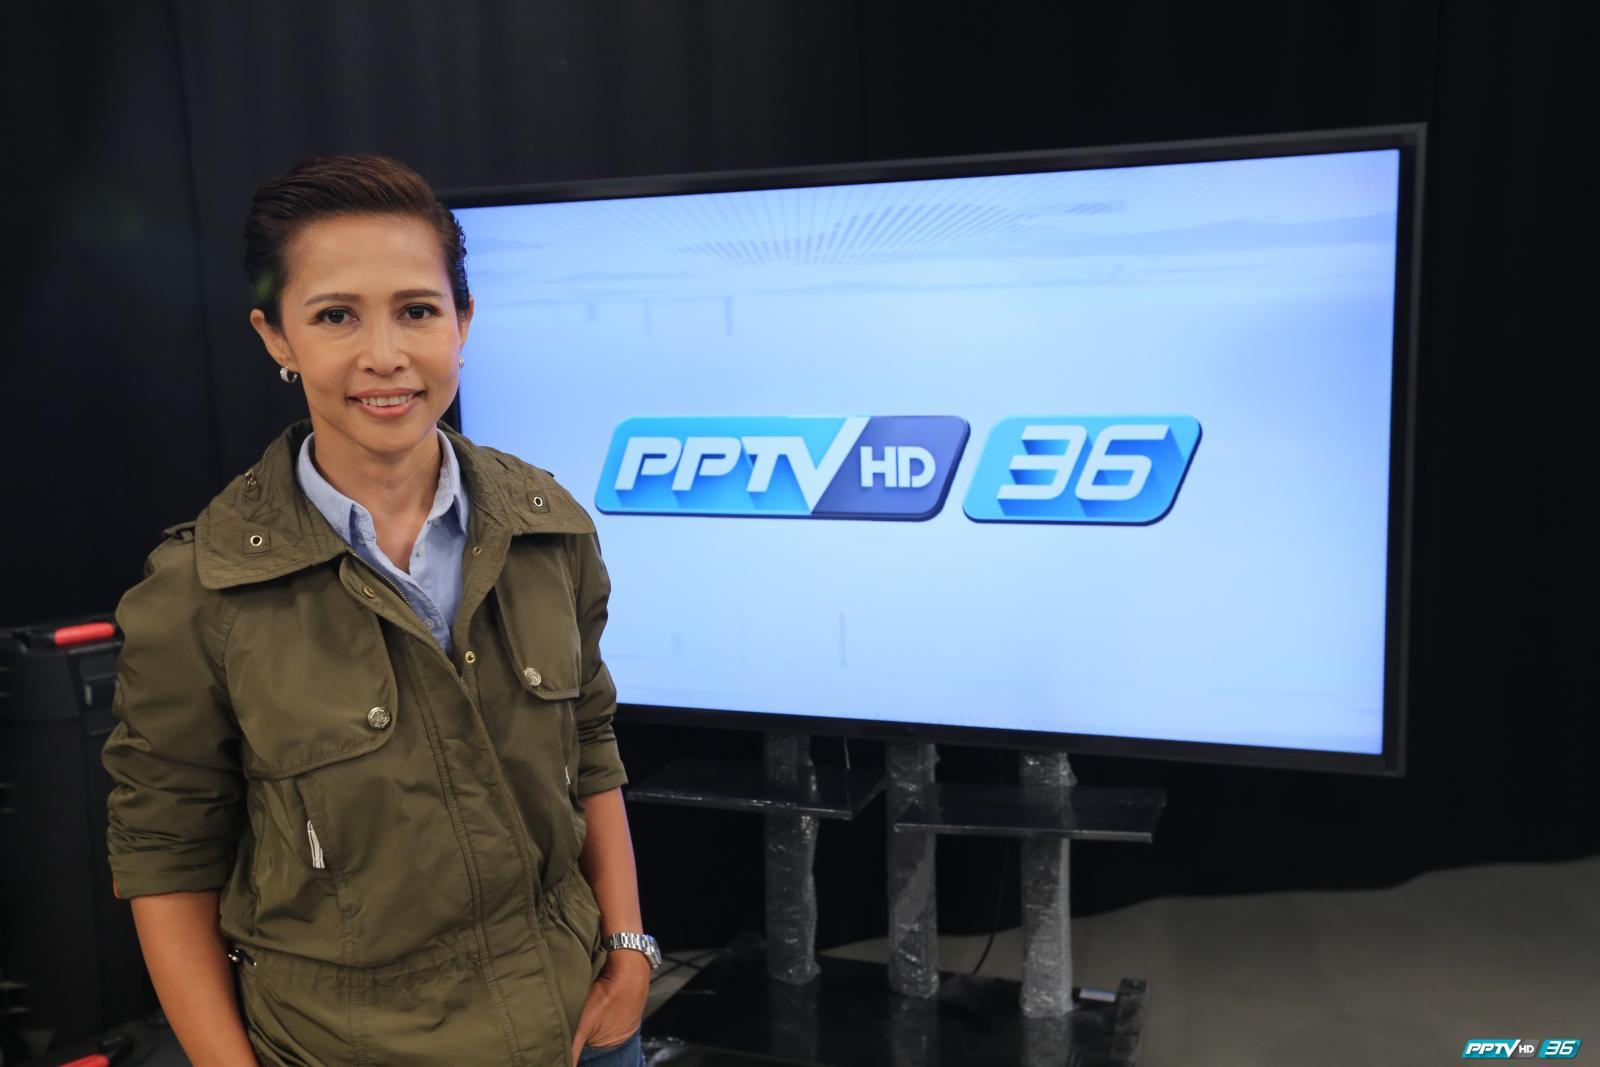 คุยกับกรุณา บัวคำศรี และข่าวโฉมใหม่ PPTV HD  (คลิป)